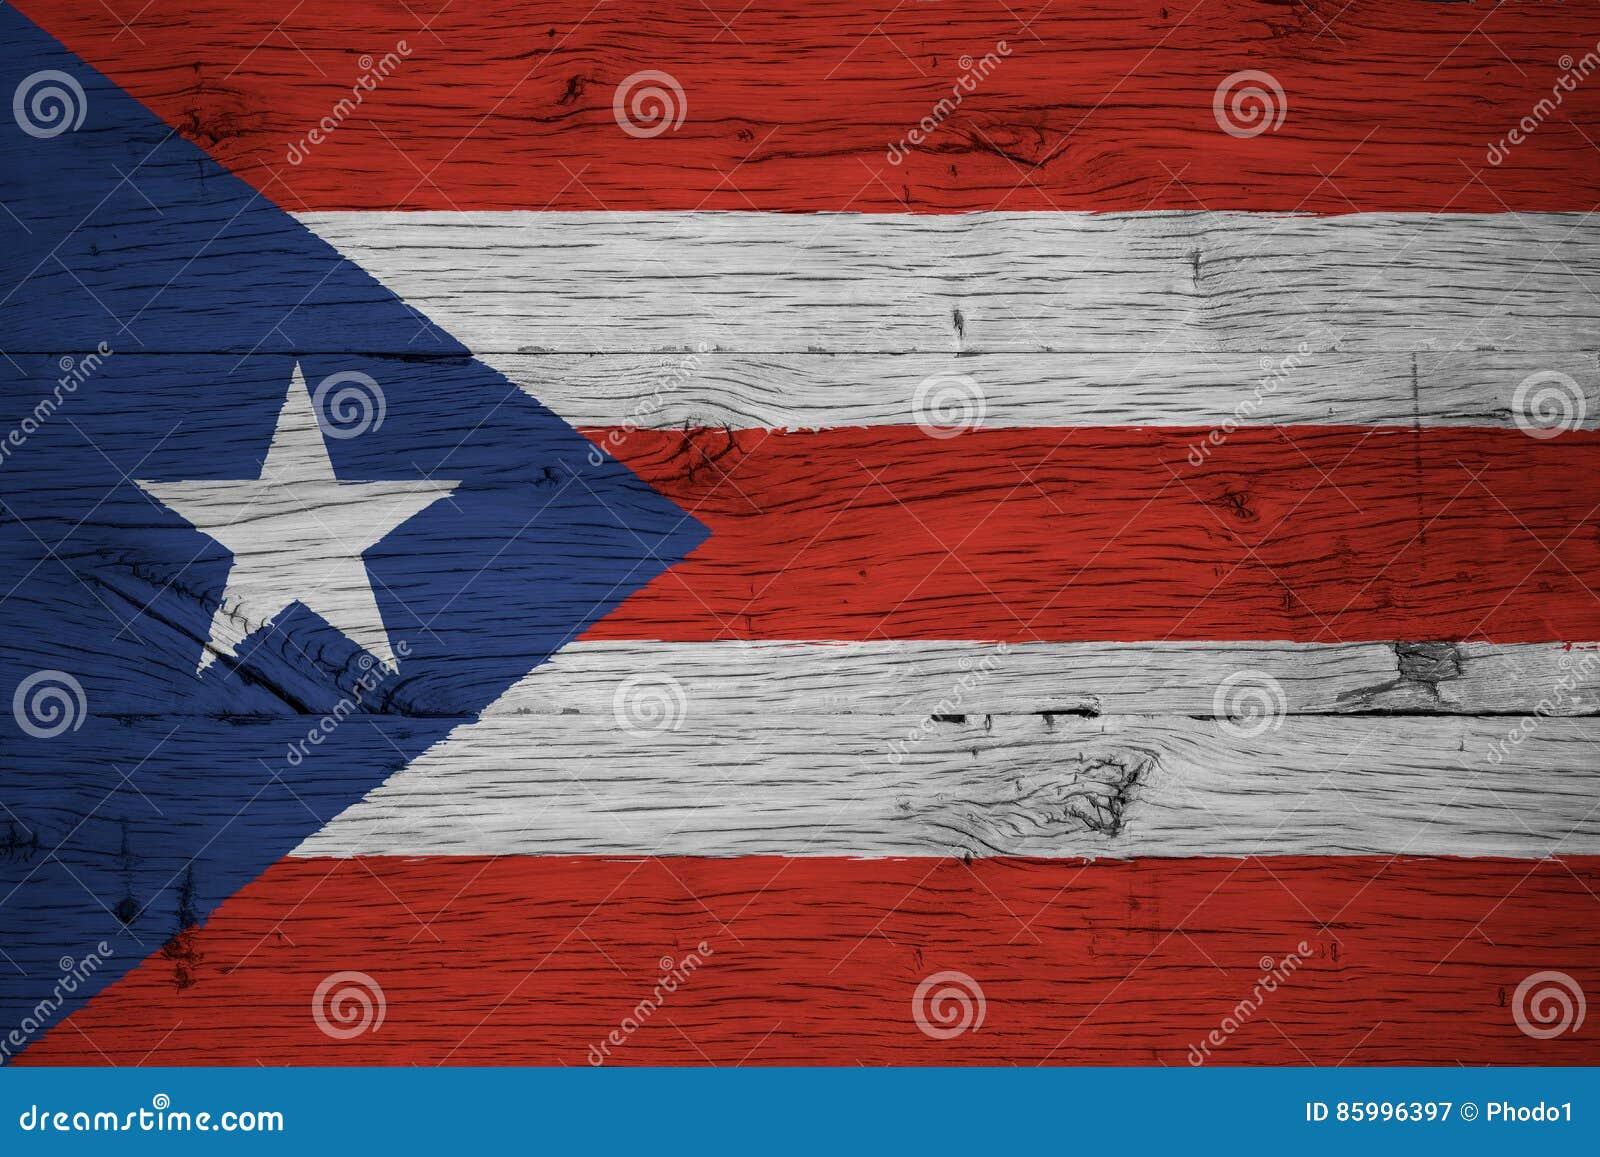 Bois de chêne peint de drapeau national du Porto Rico vieux